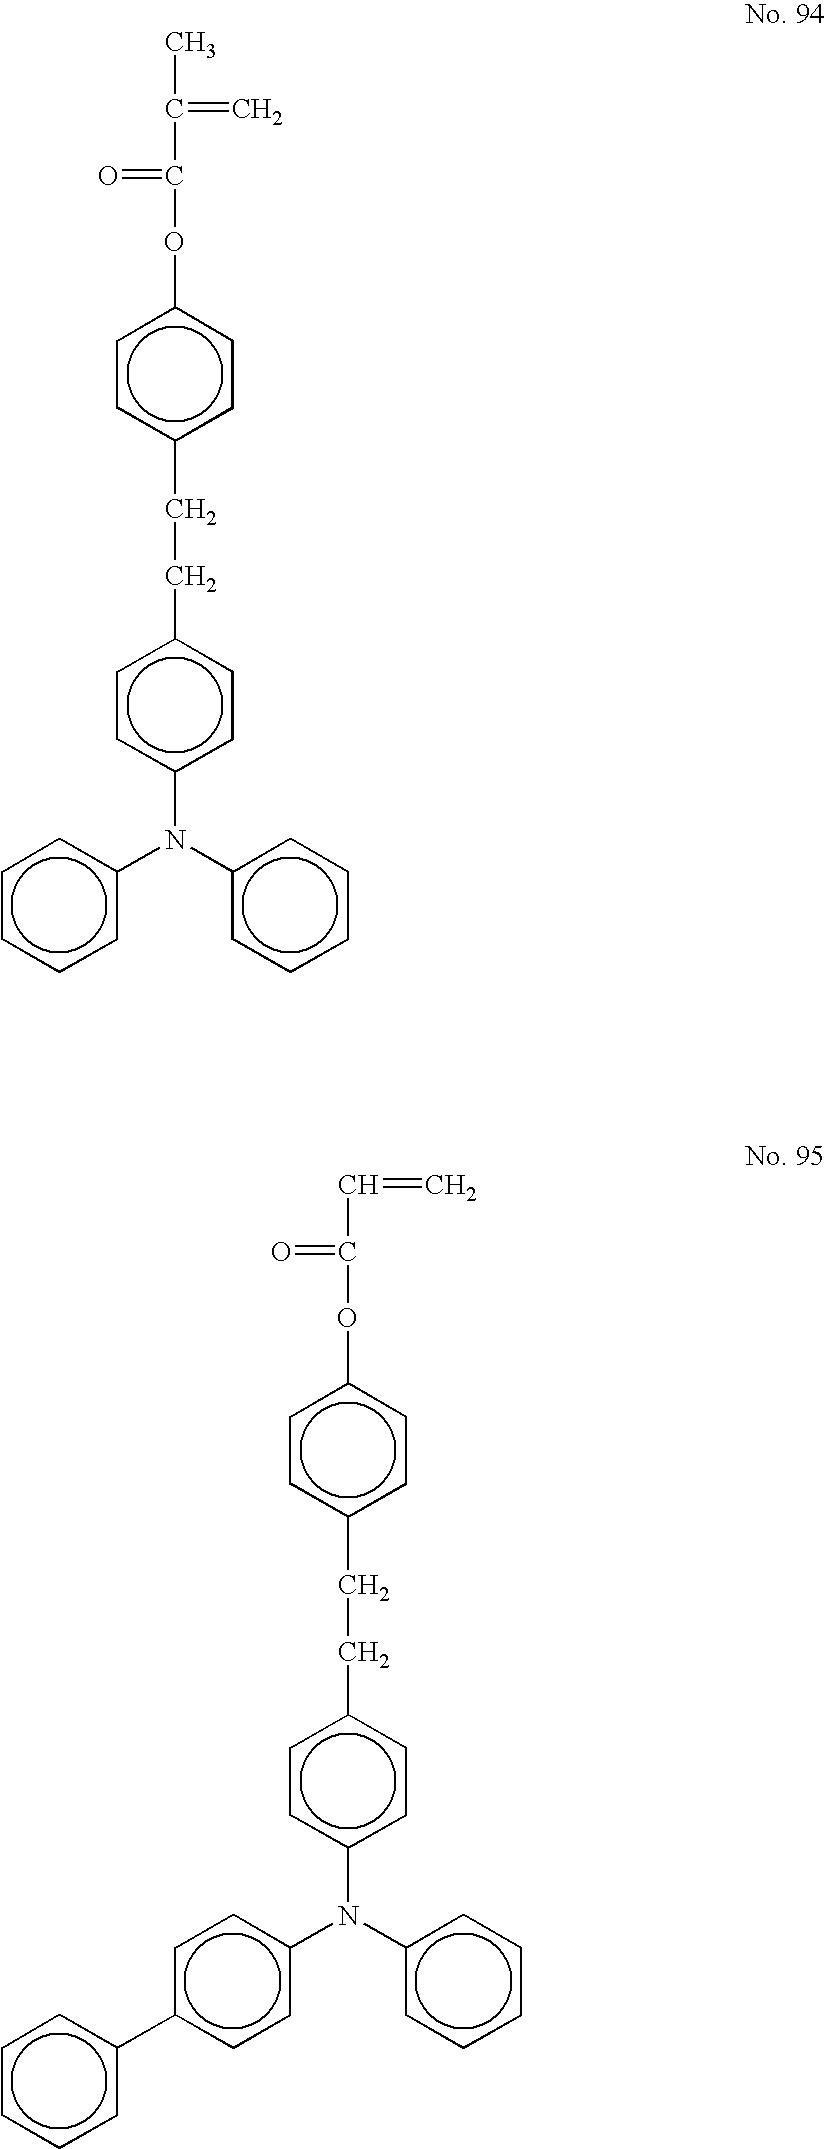 Figure US20040253527A1-20041216-C00043